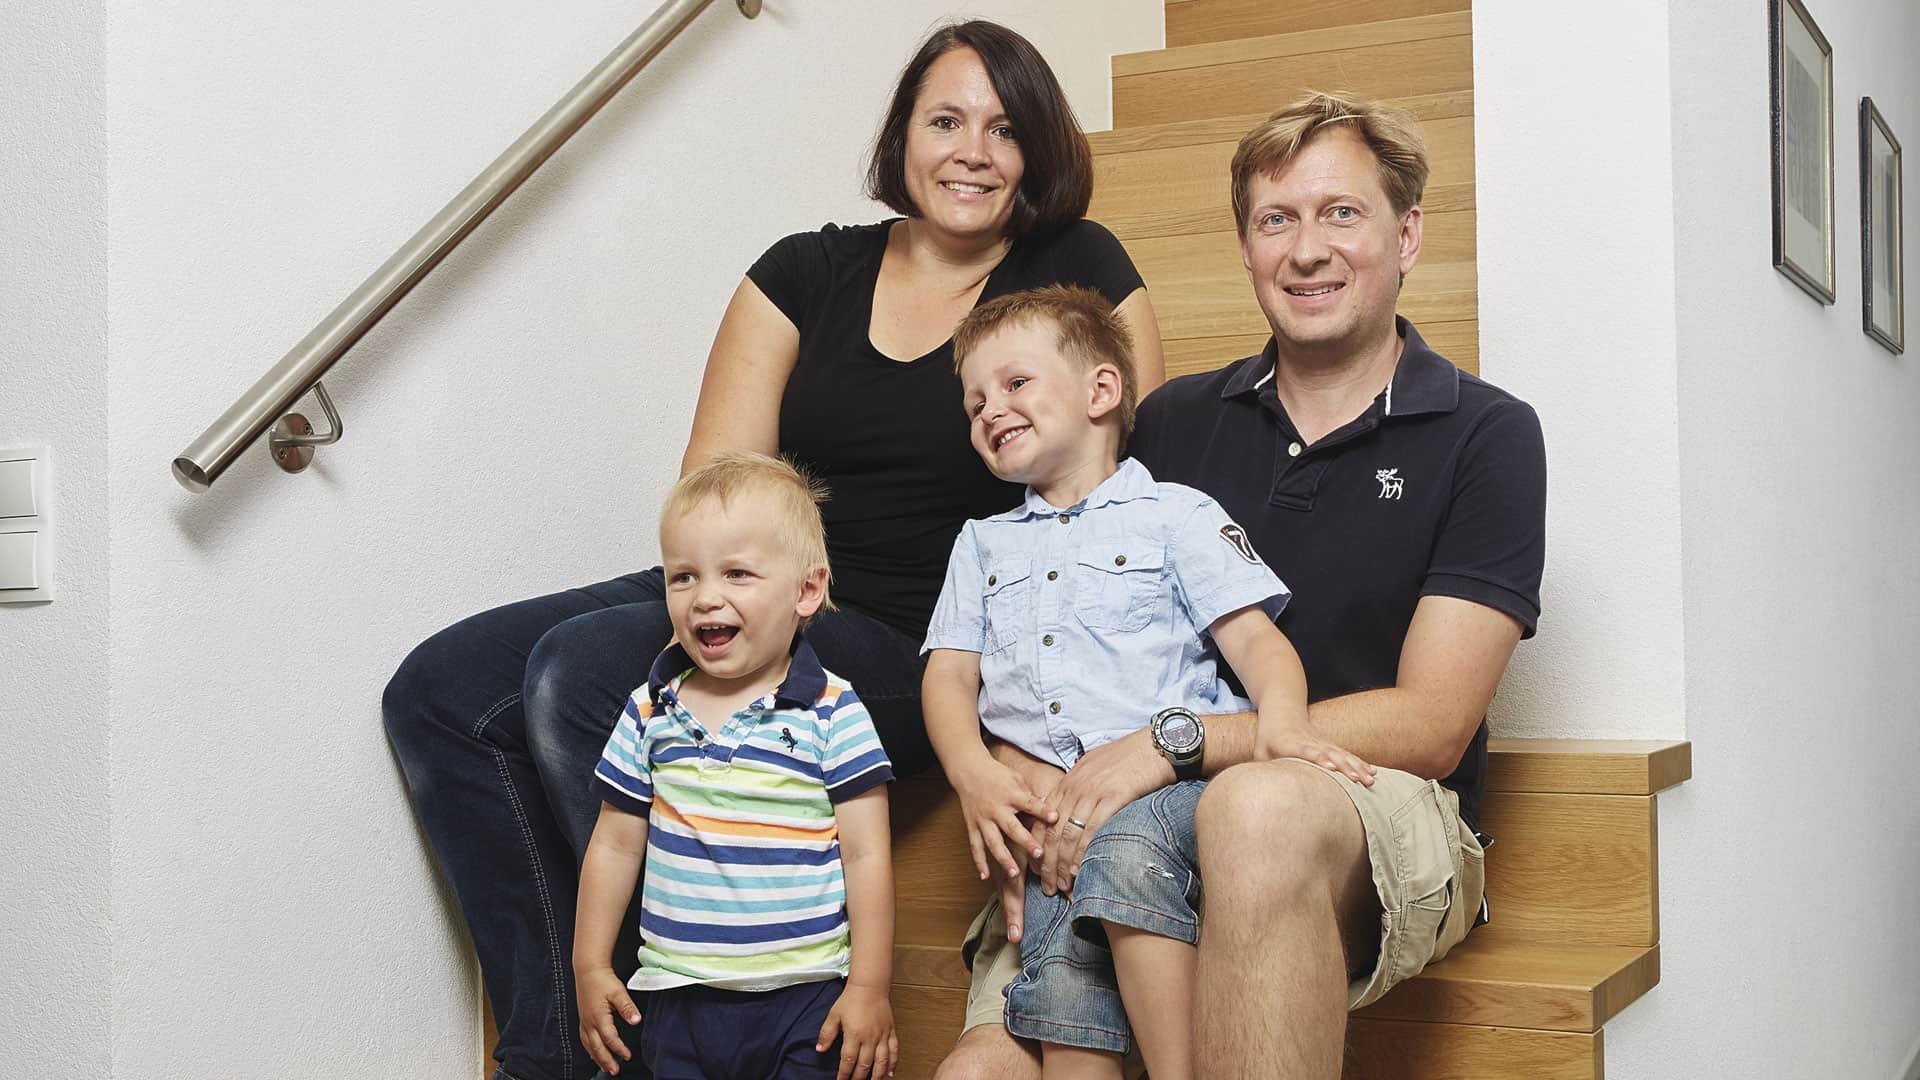 Wohnen im WeberHaus: Familie Reiter im Hausflur